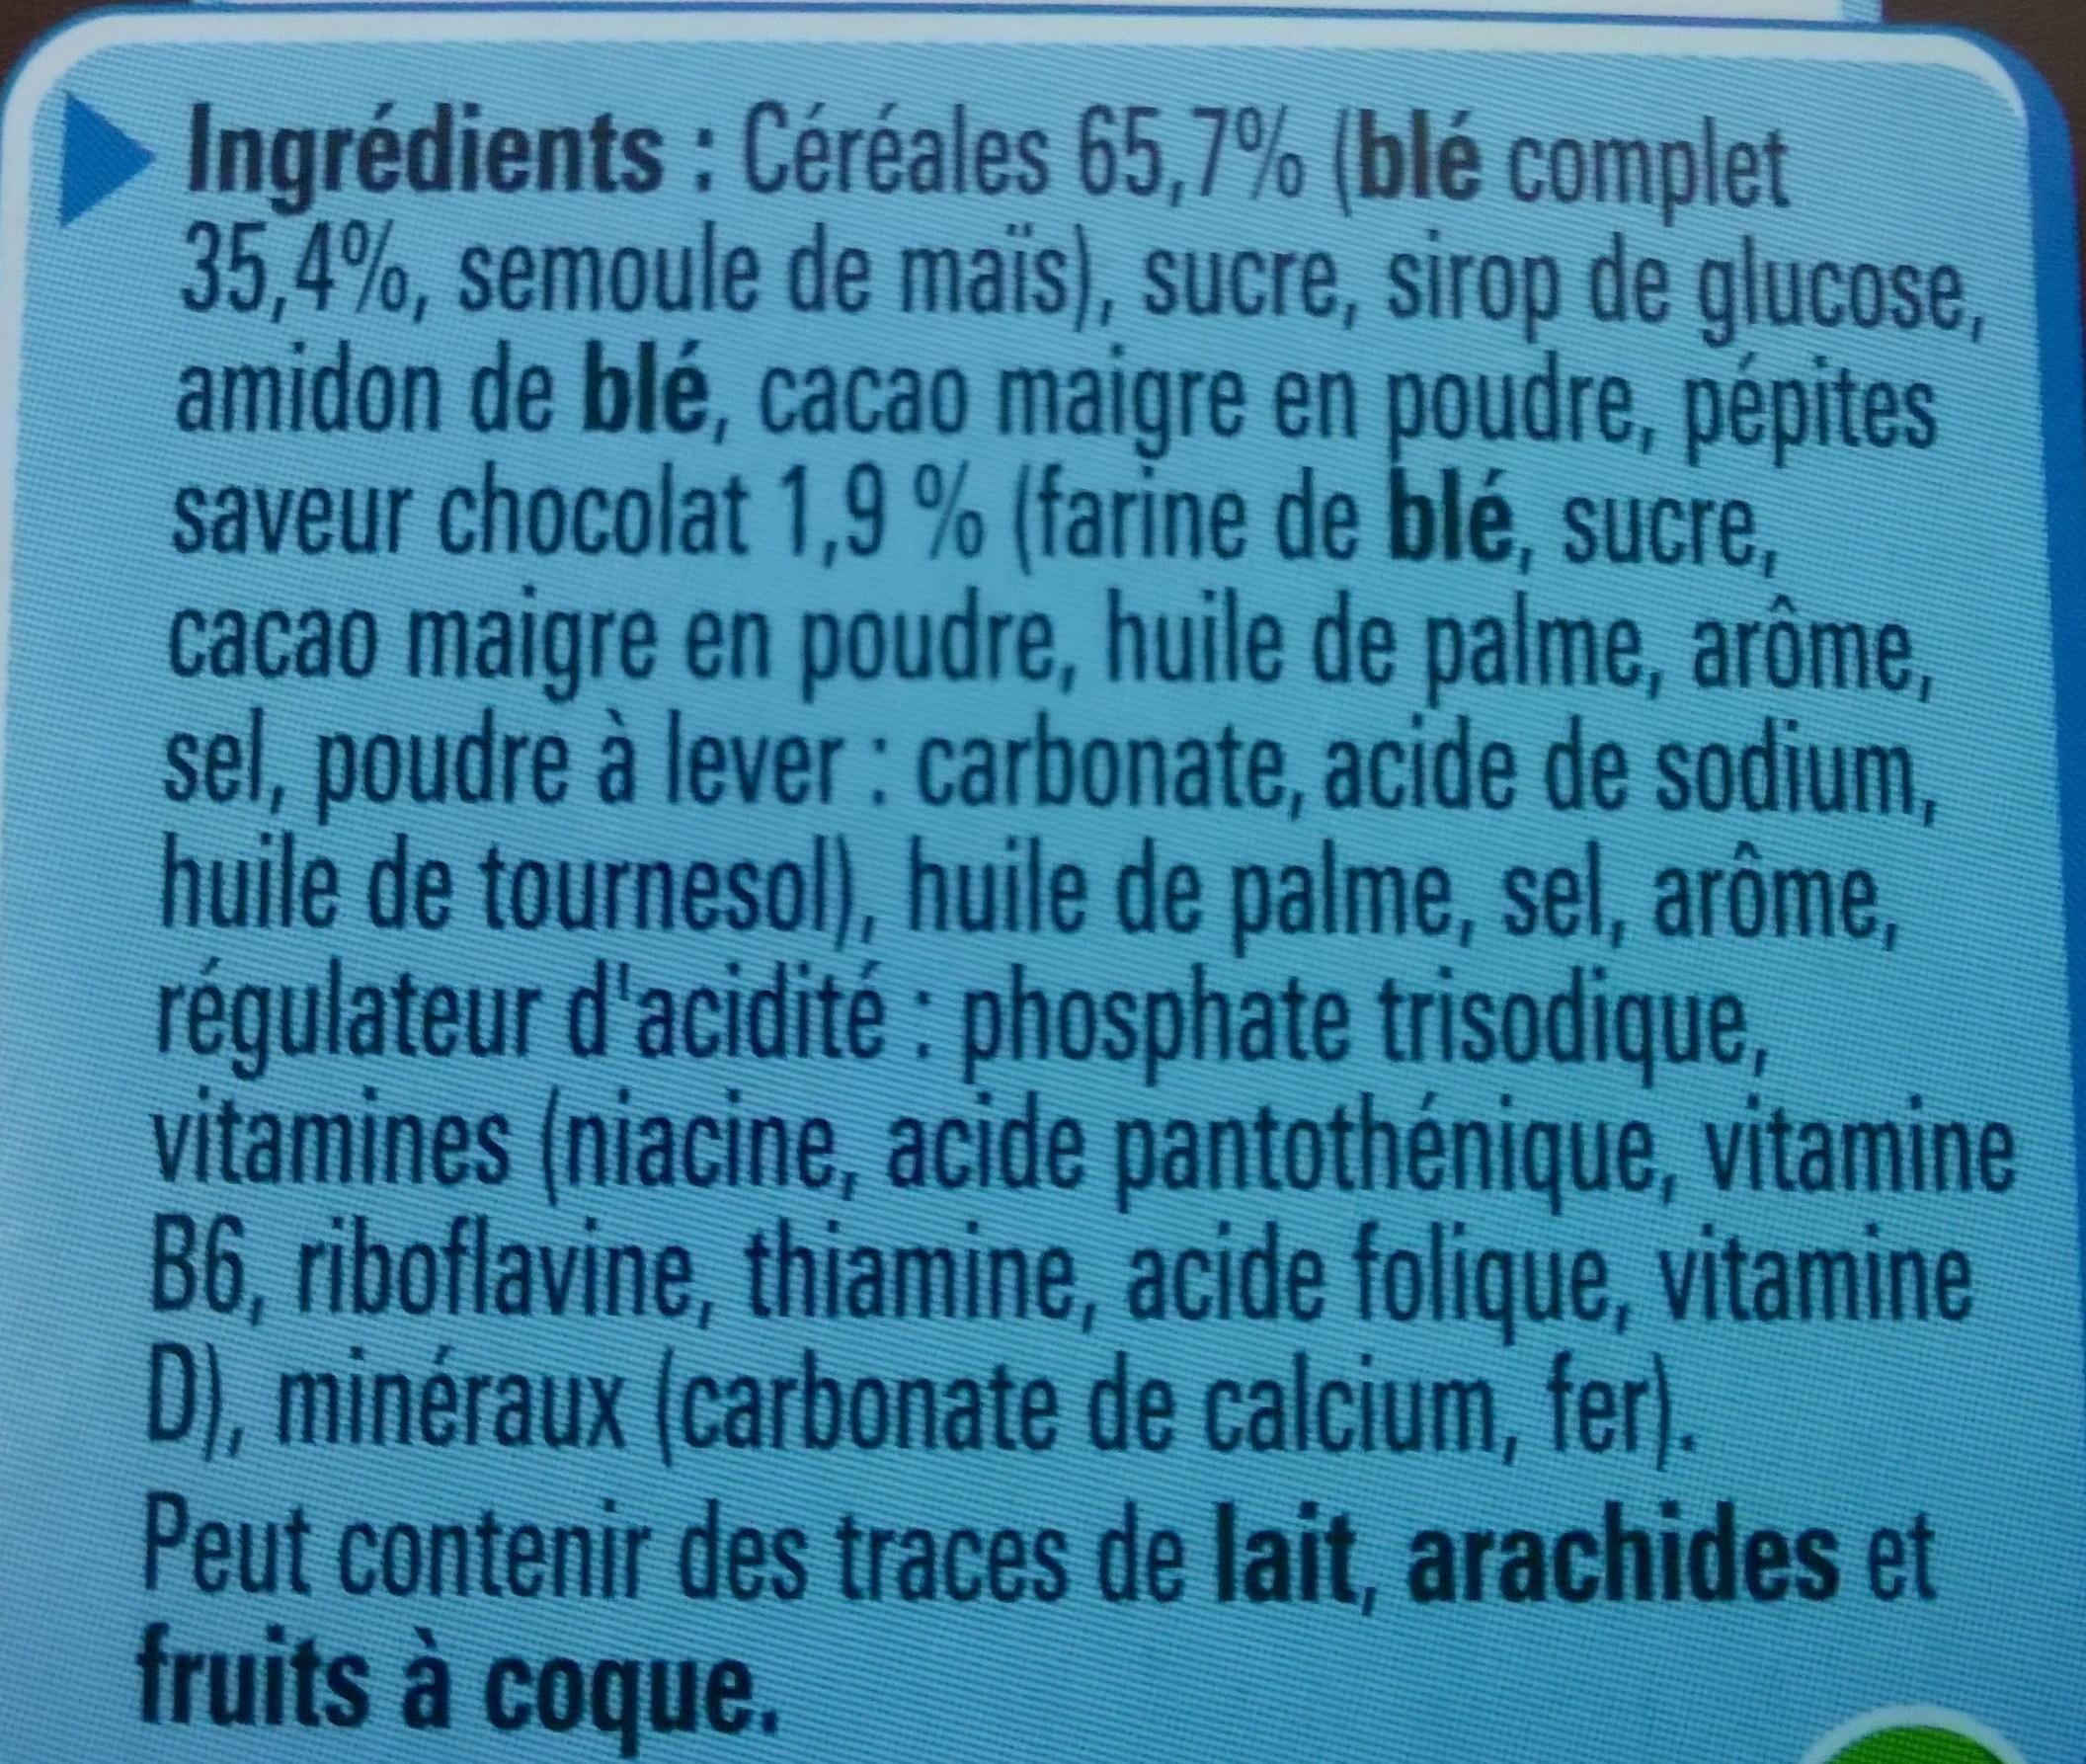 Cookie Crisp goût tout choco - Ingrédients